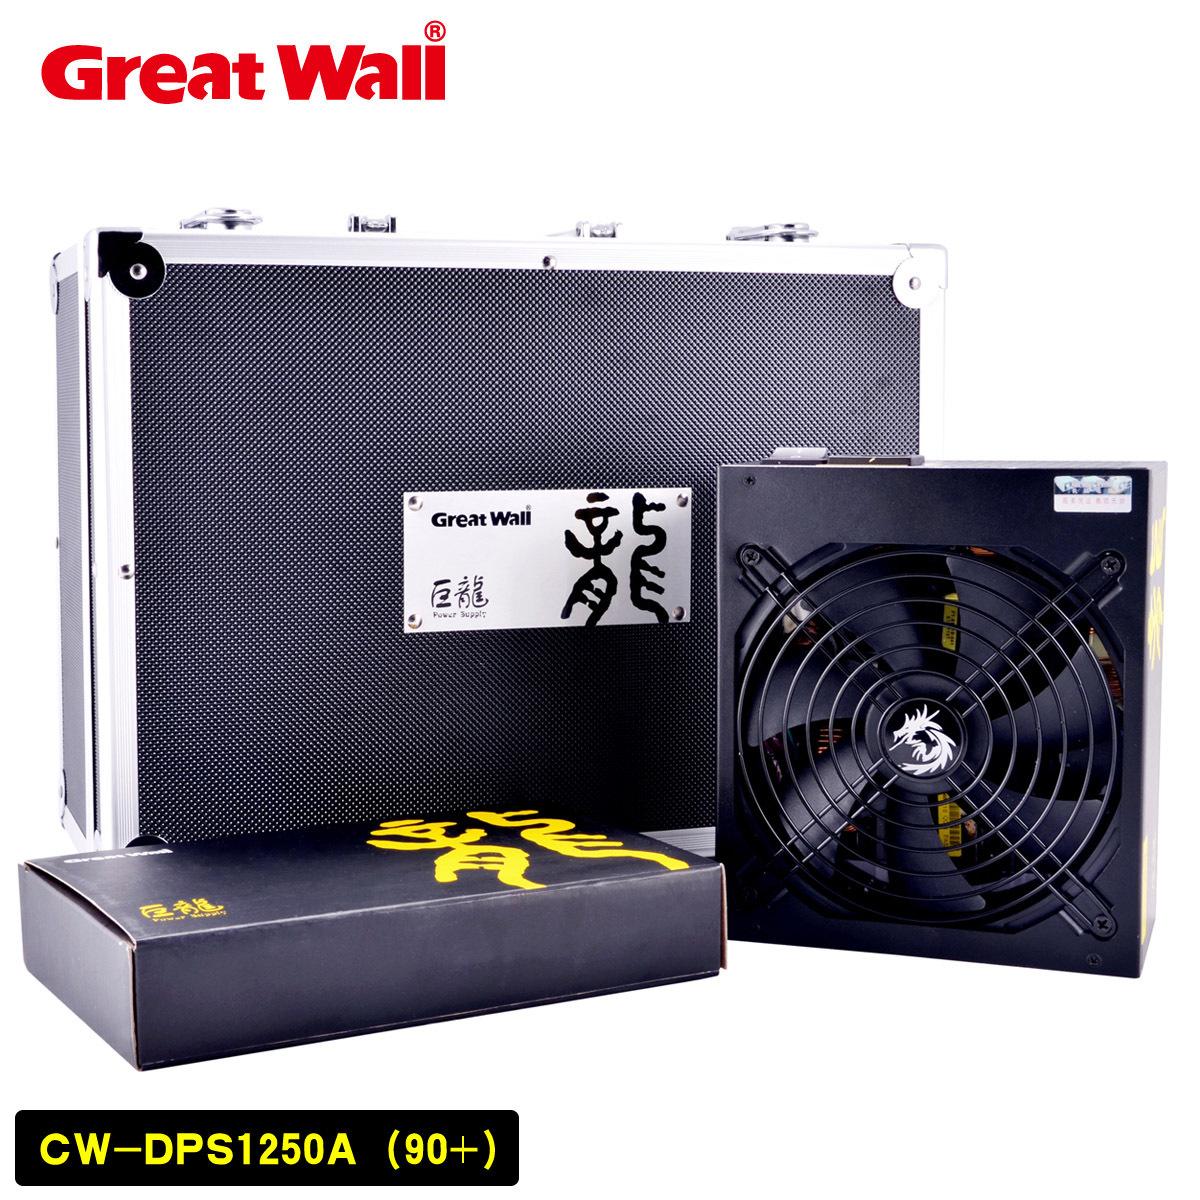 长城 GW-EPS1250DA(90+)电源怎么样,可靠吗